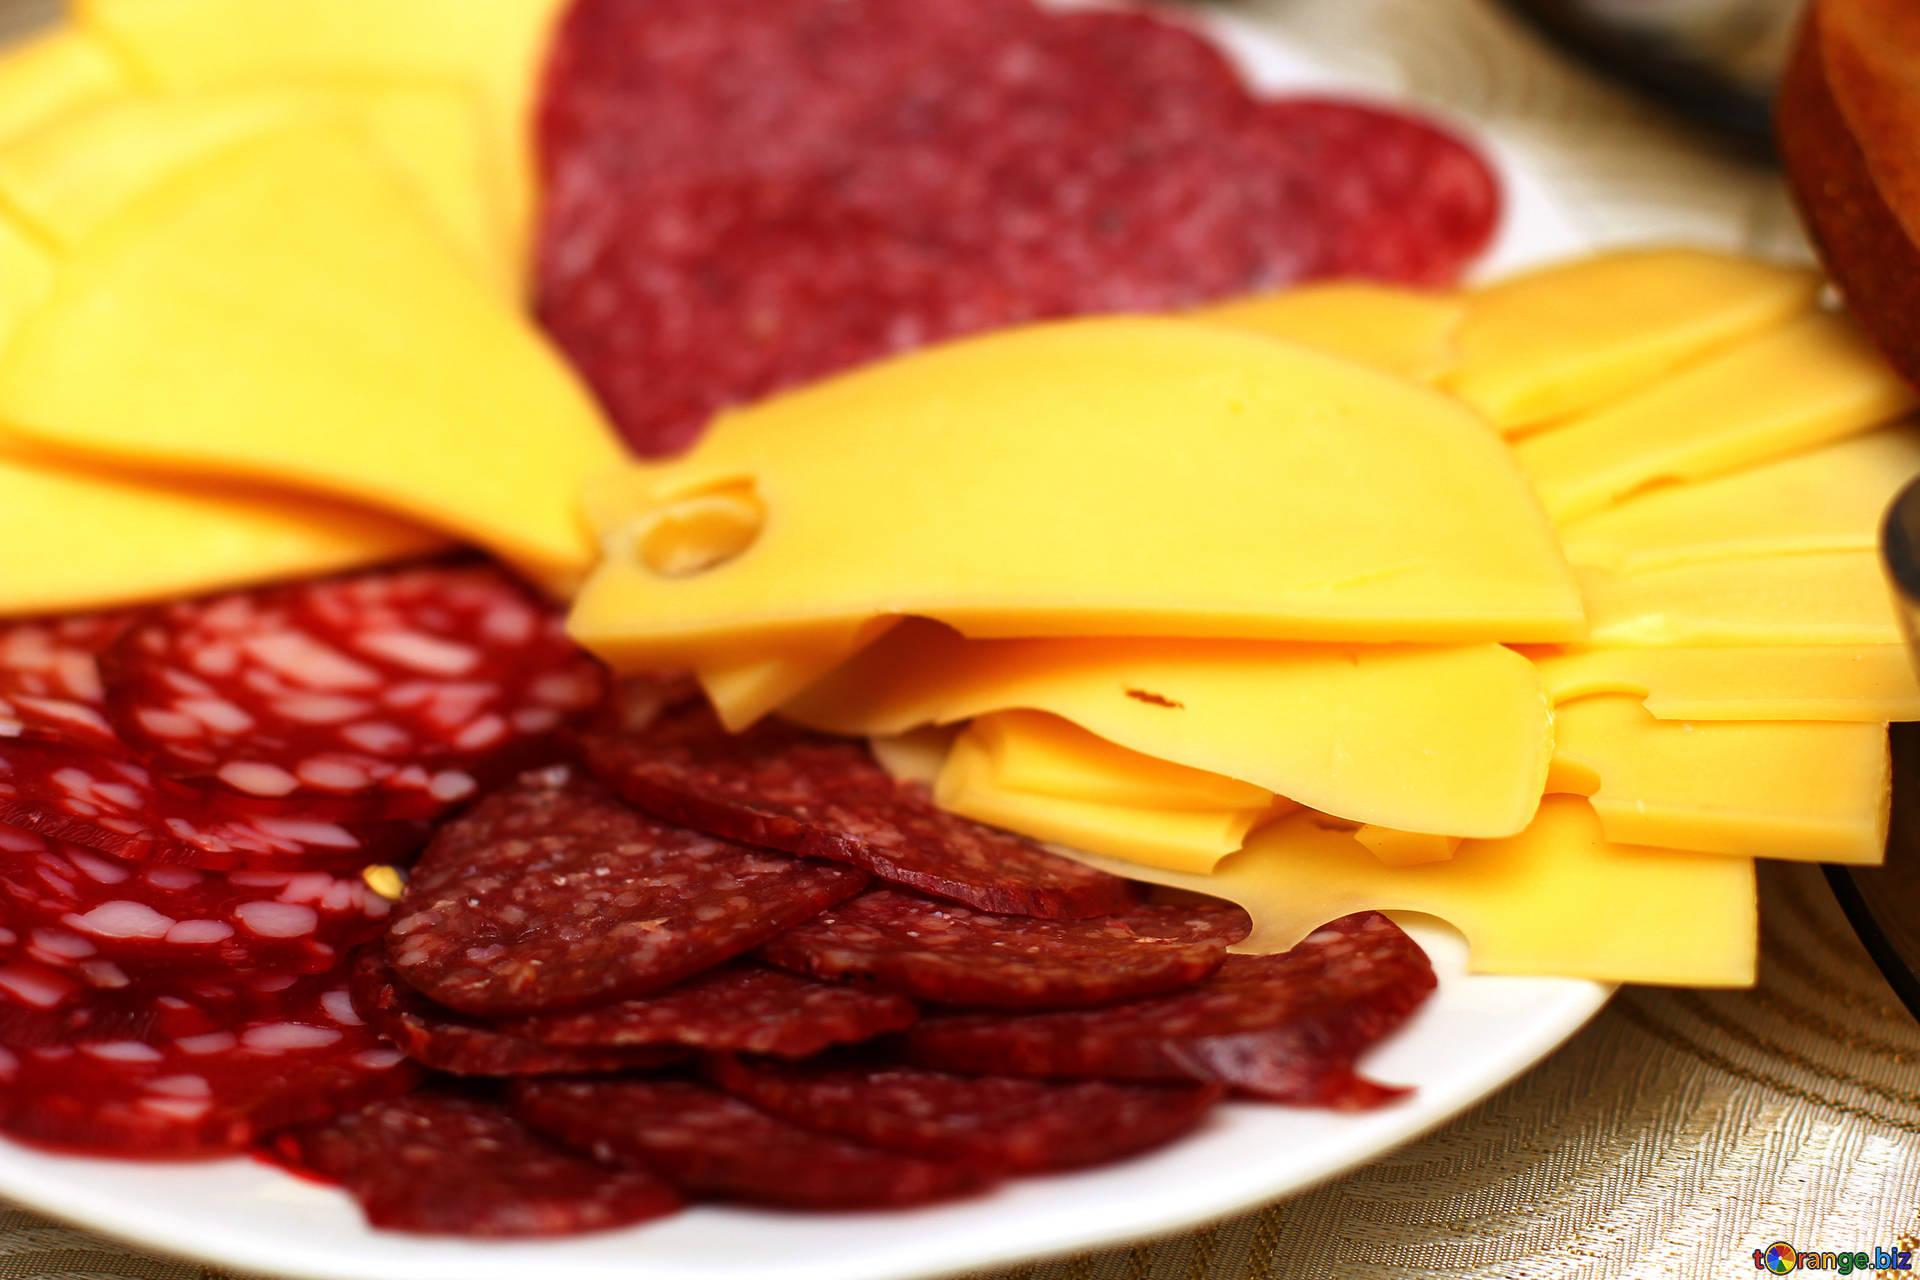 Колбасу и сыры намерены проверить на фальсификат и наличие антибиотиков в России